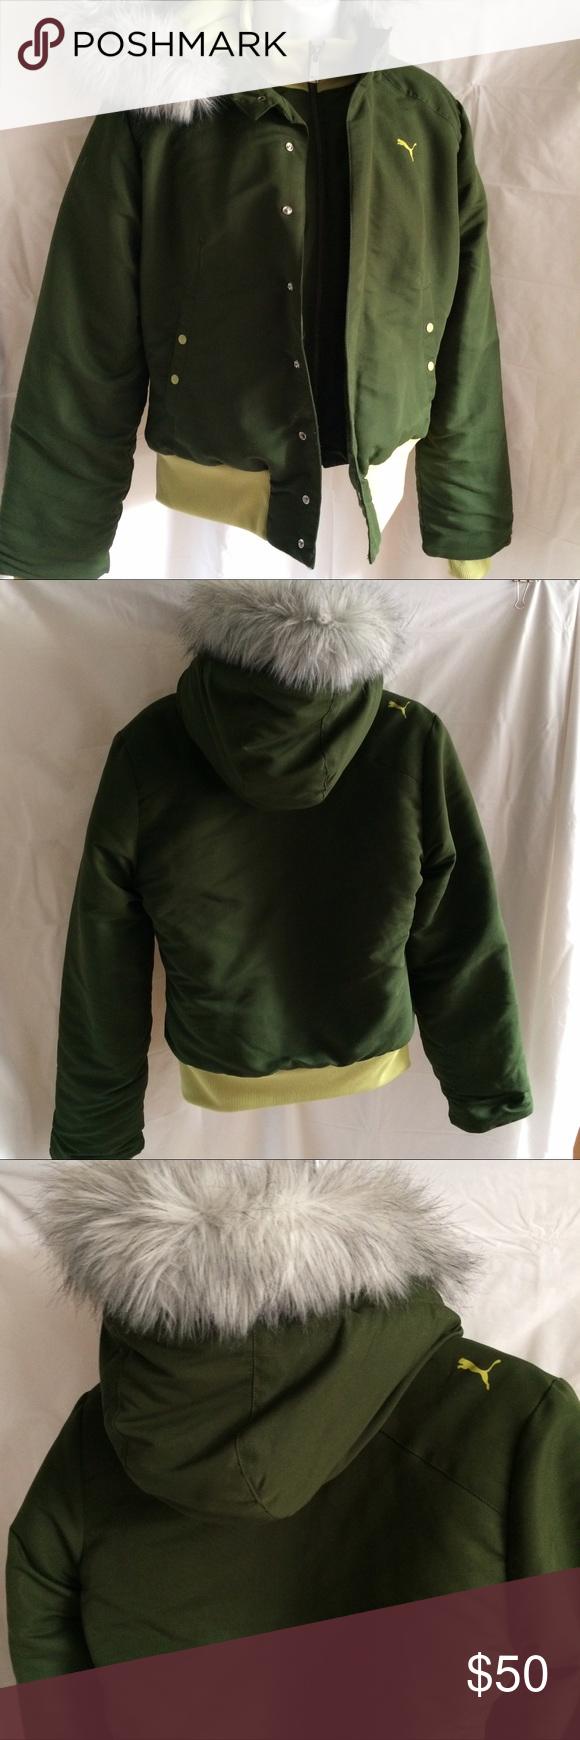 986a694c1f53 Jacket by Puma Jacket by Puma Size Medium Pretty Fur Trim on Hood Light  Green lining Cute Puma Kitty Logo on Back Right Shoulder Puma Jackets    Coats ...